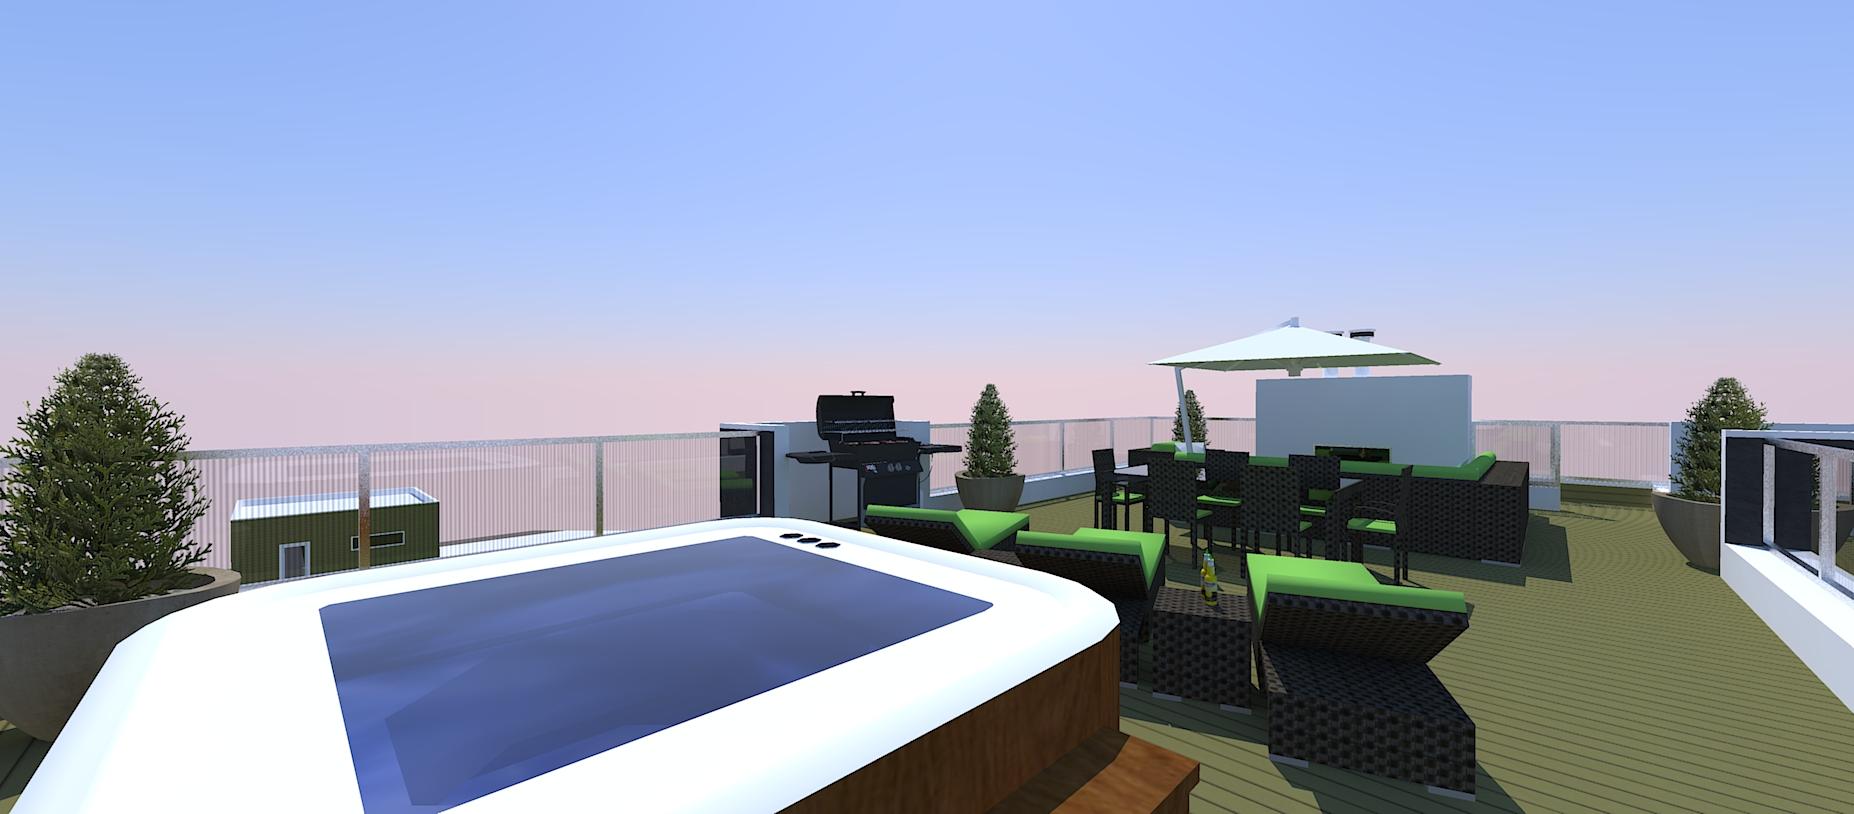 31 - Roof Deck 2.jpg